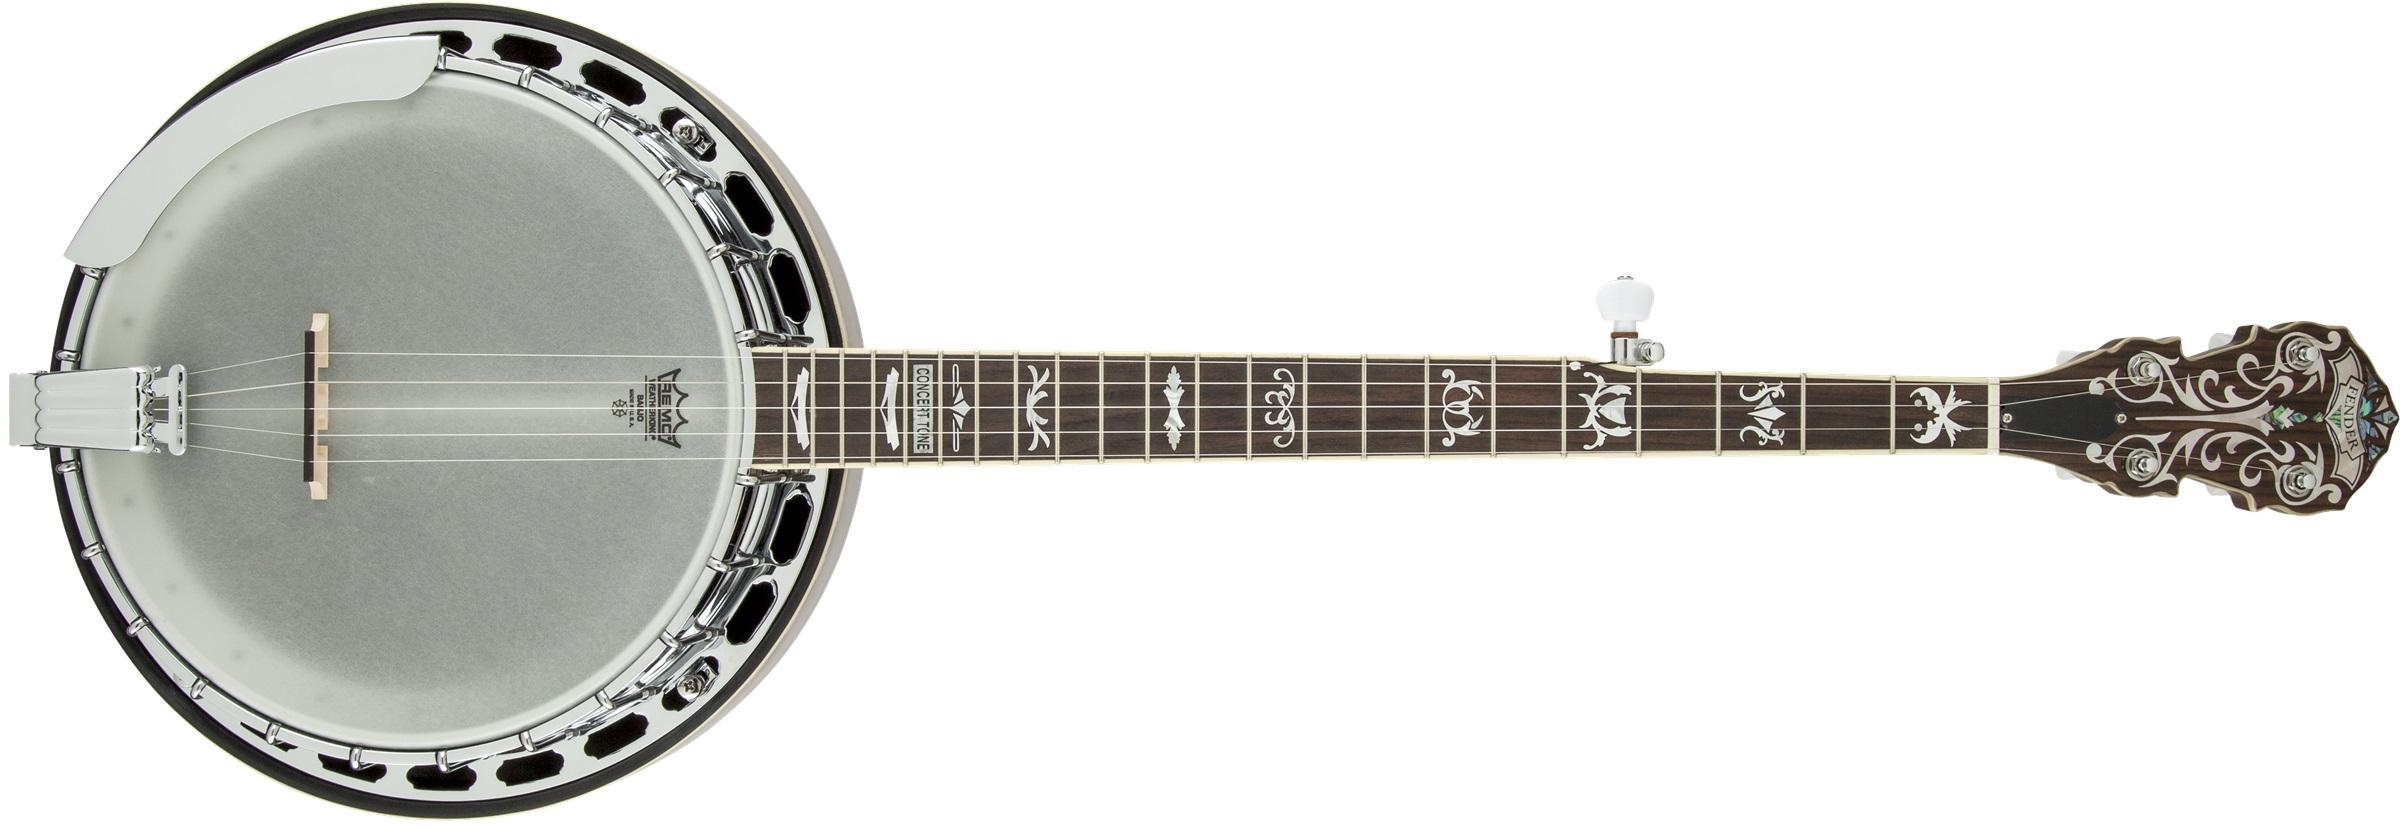 Fender Concert Tone 59 Banjo